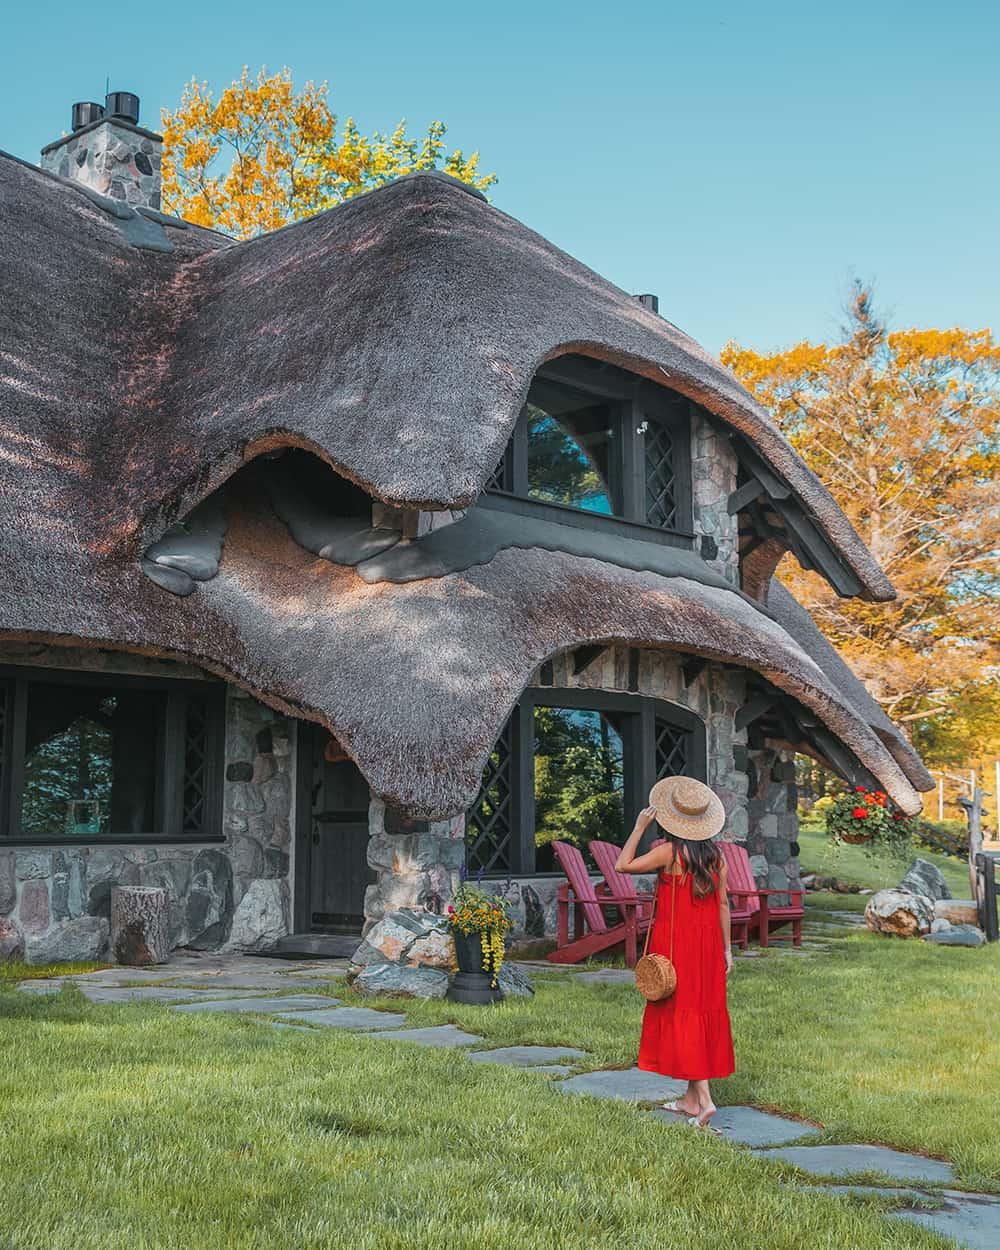 Mushroom house in Charlevoix, Michigan